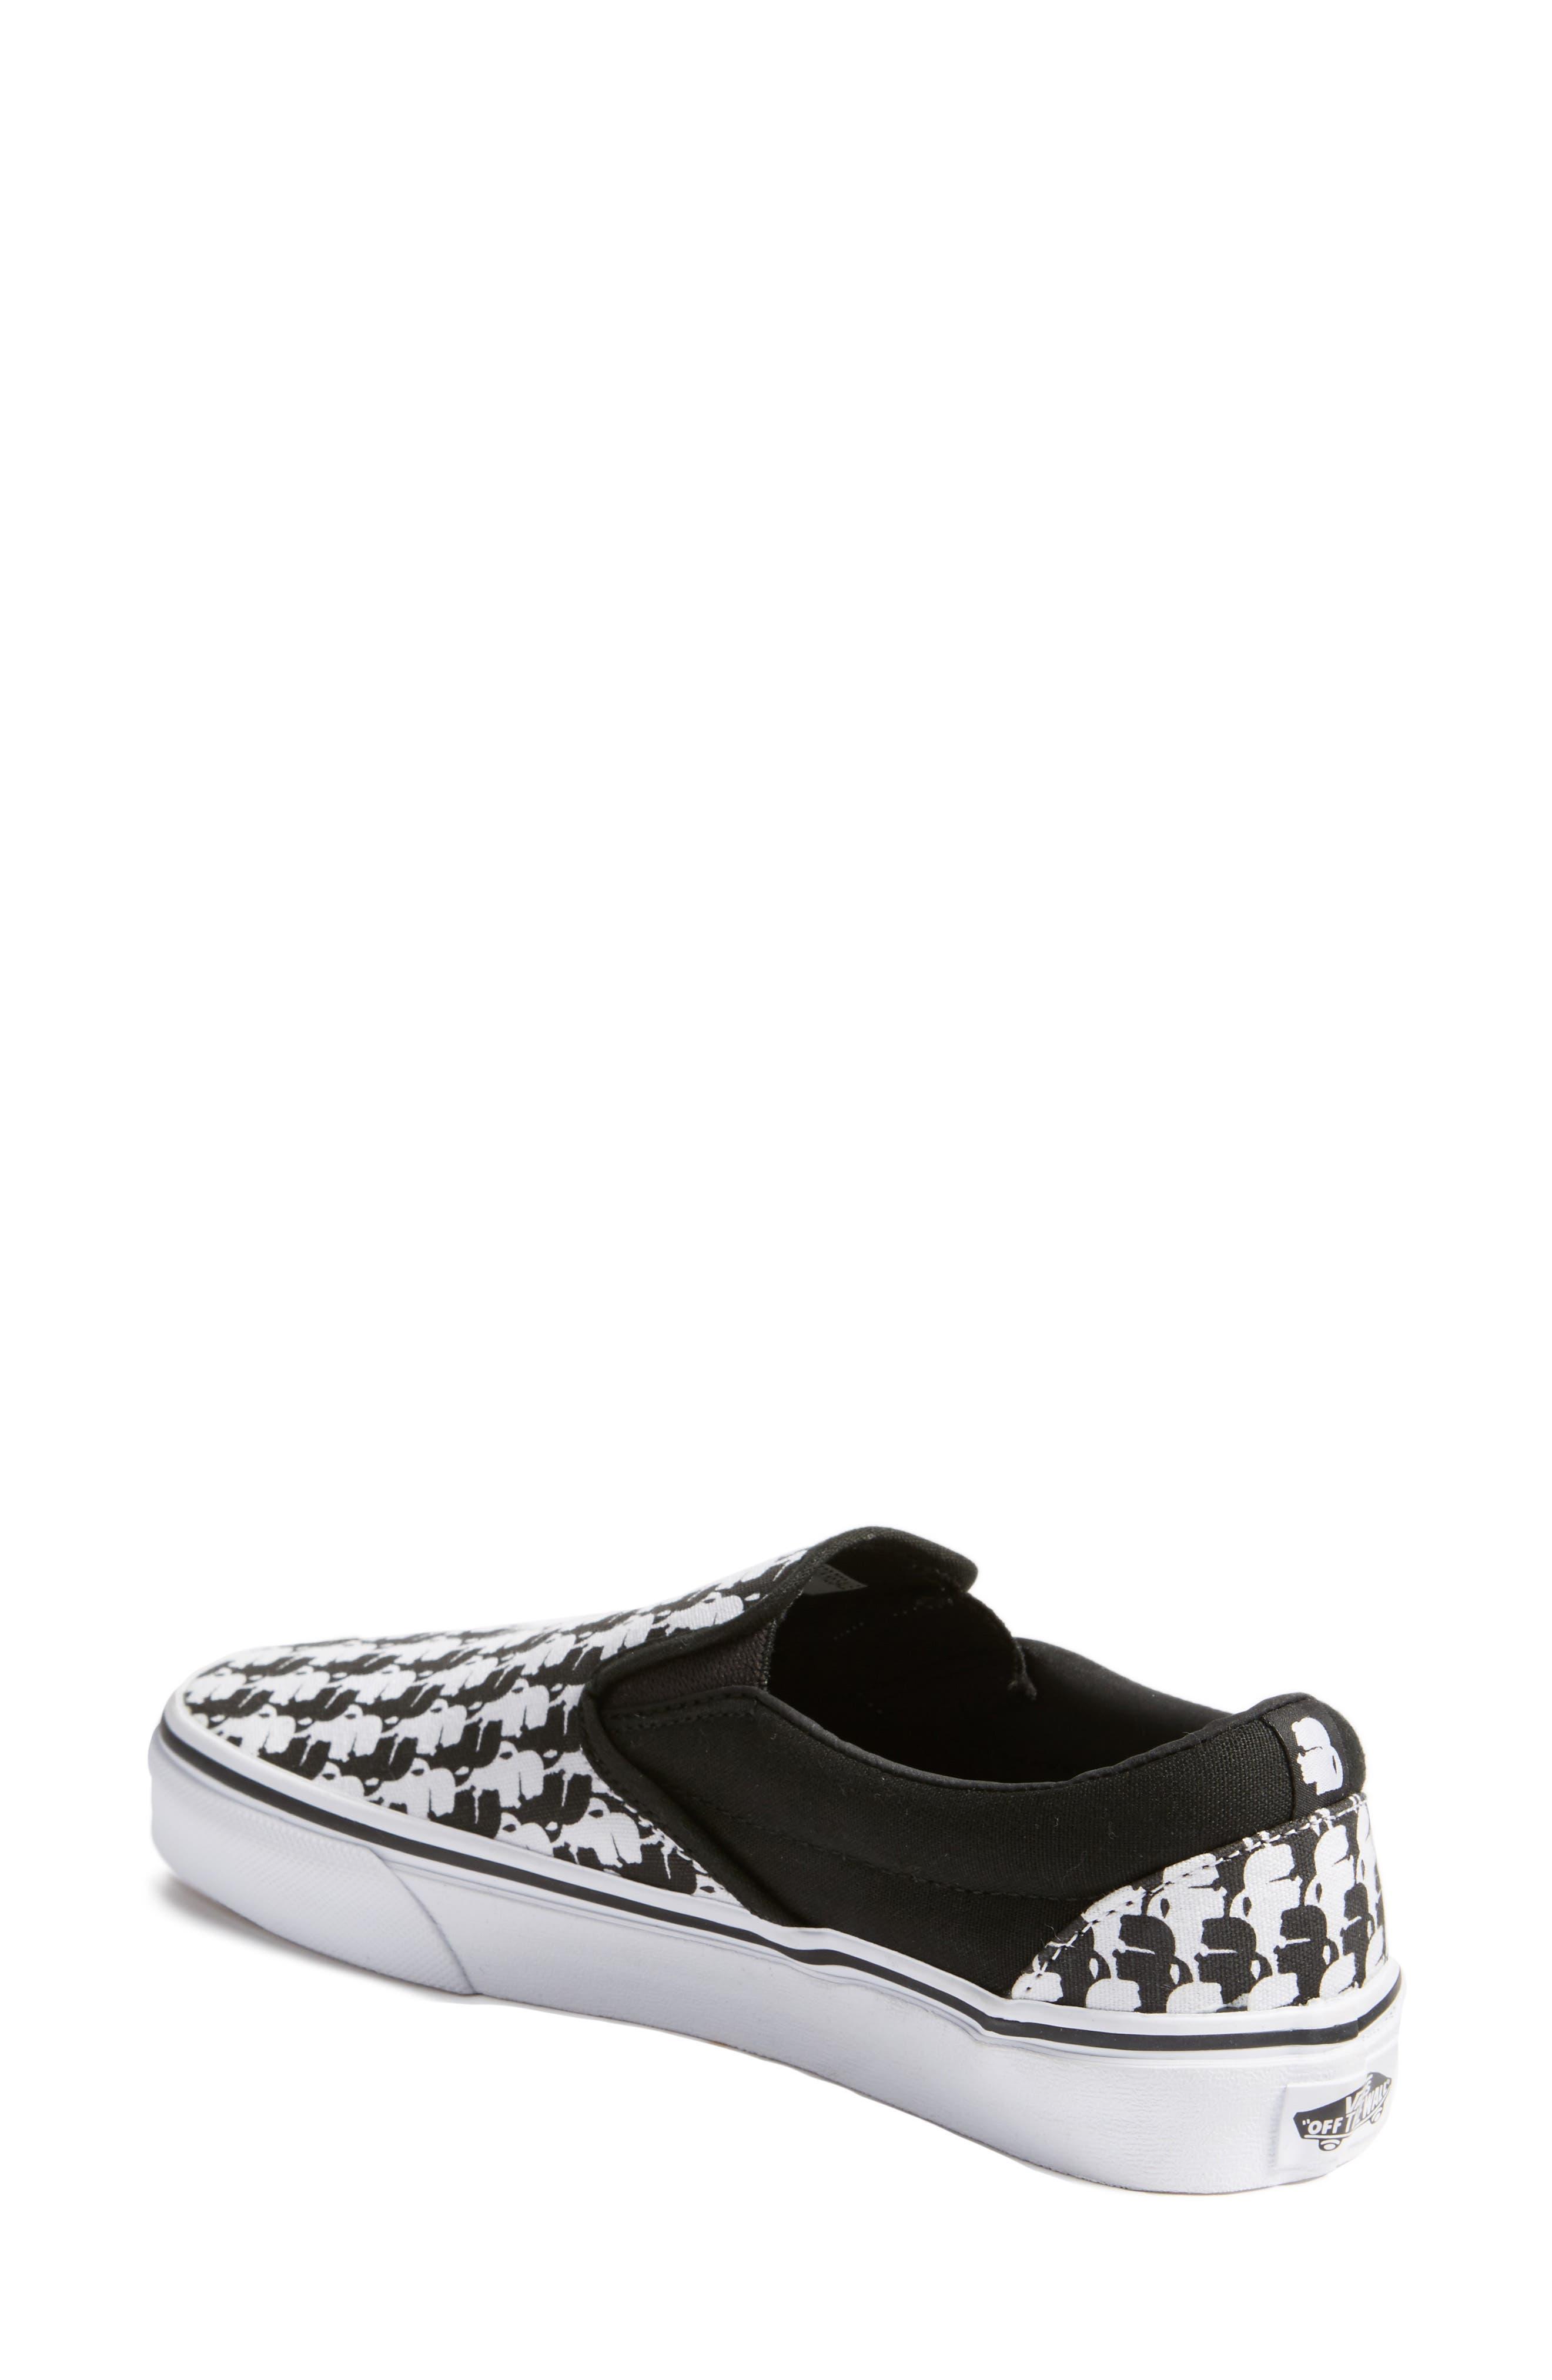 Alternate Image 2  - Vans x KARL LAGERFELD Houndstooth Slip-On Sneaker (Women)